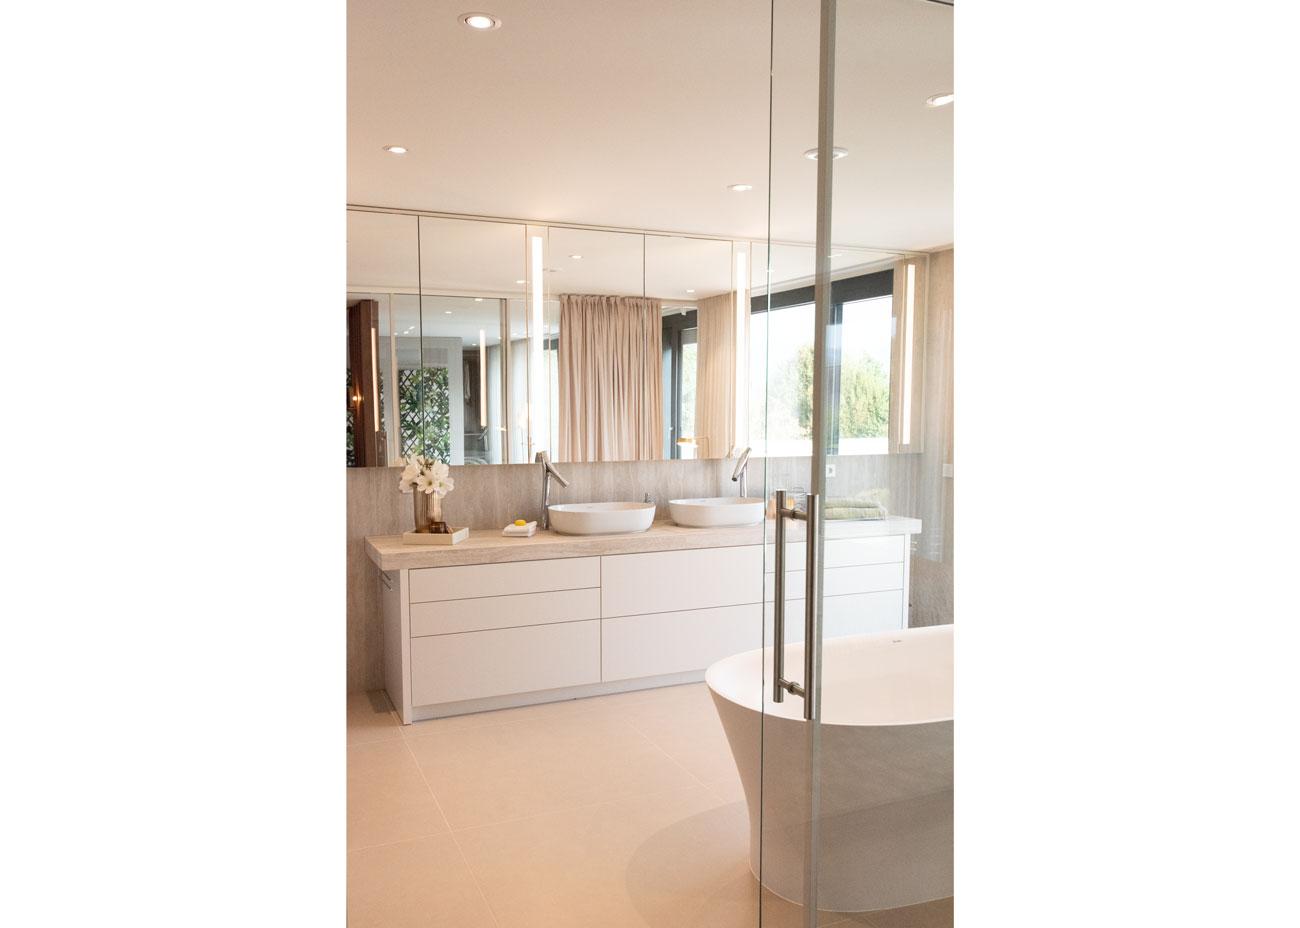 haus einrichten bad waschtisch weiss badewanne spiegelschrank mit leuchten